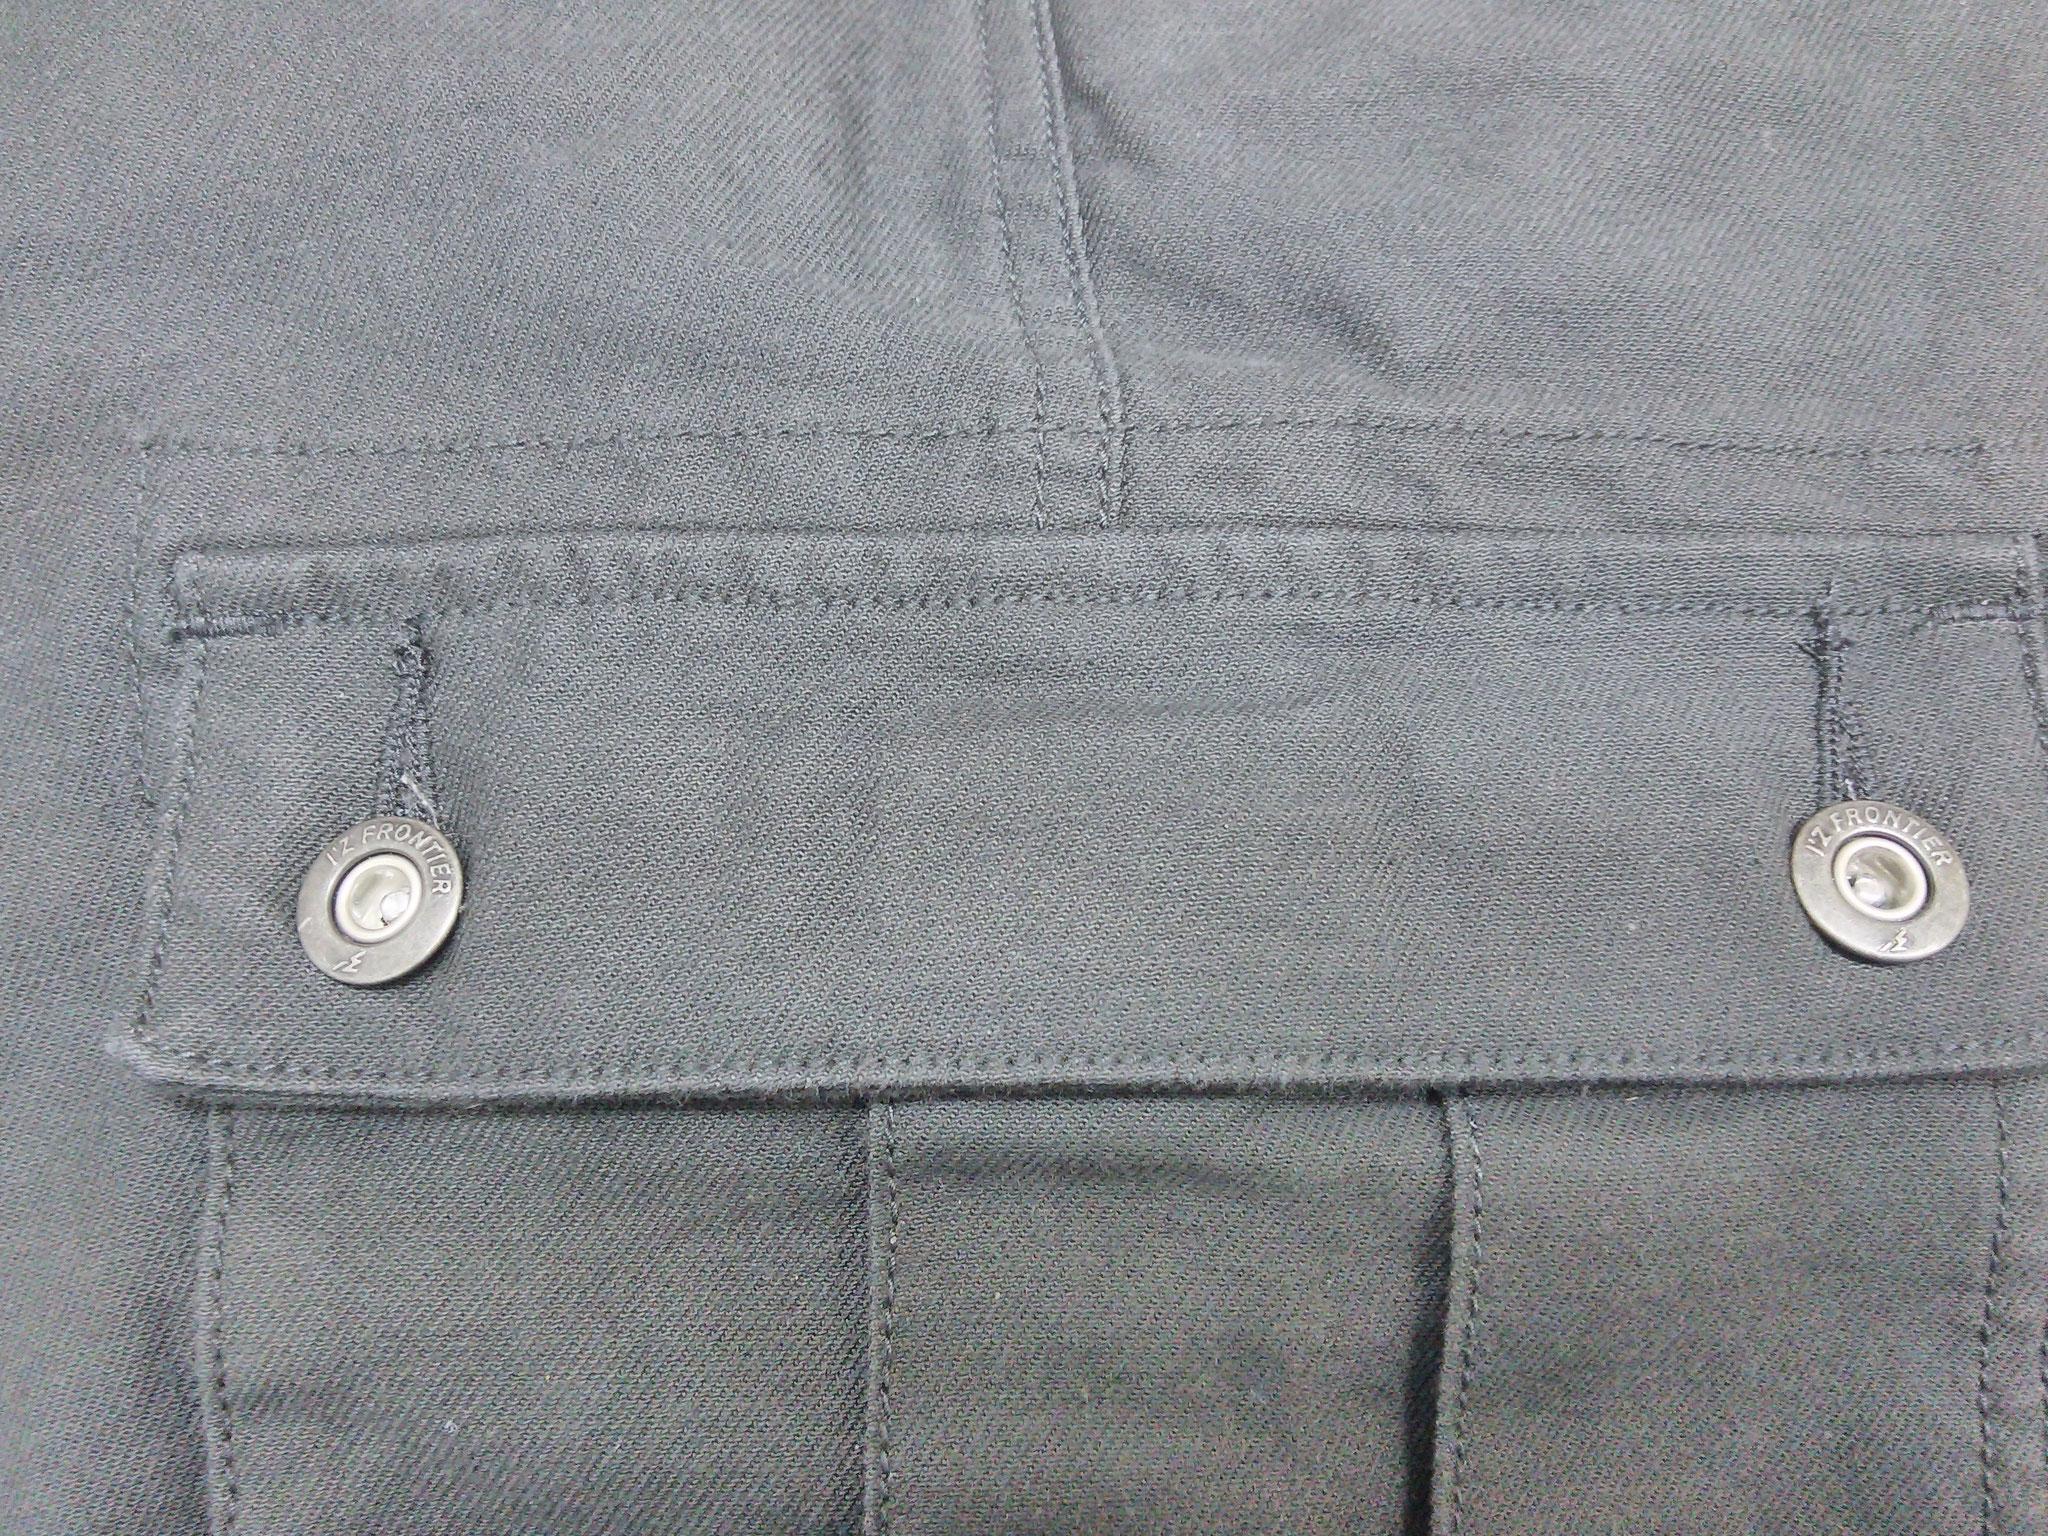 I'Z FRONTIER 7920 SERIES ~アイズフロンティア ストレッチカーゴパンツ~ サイドカーゴは実用的な深さと大きさがあります。